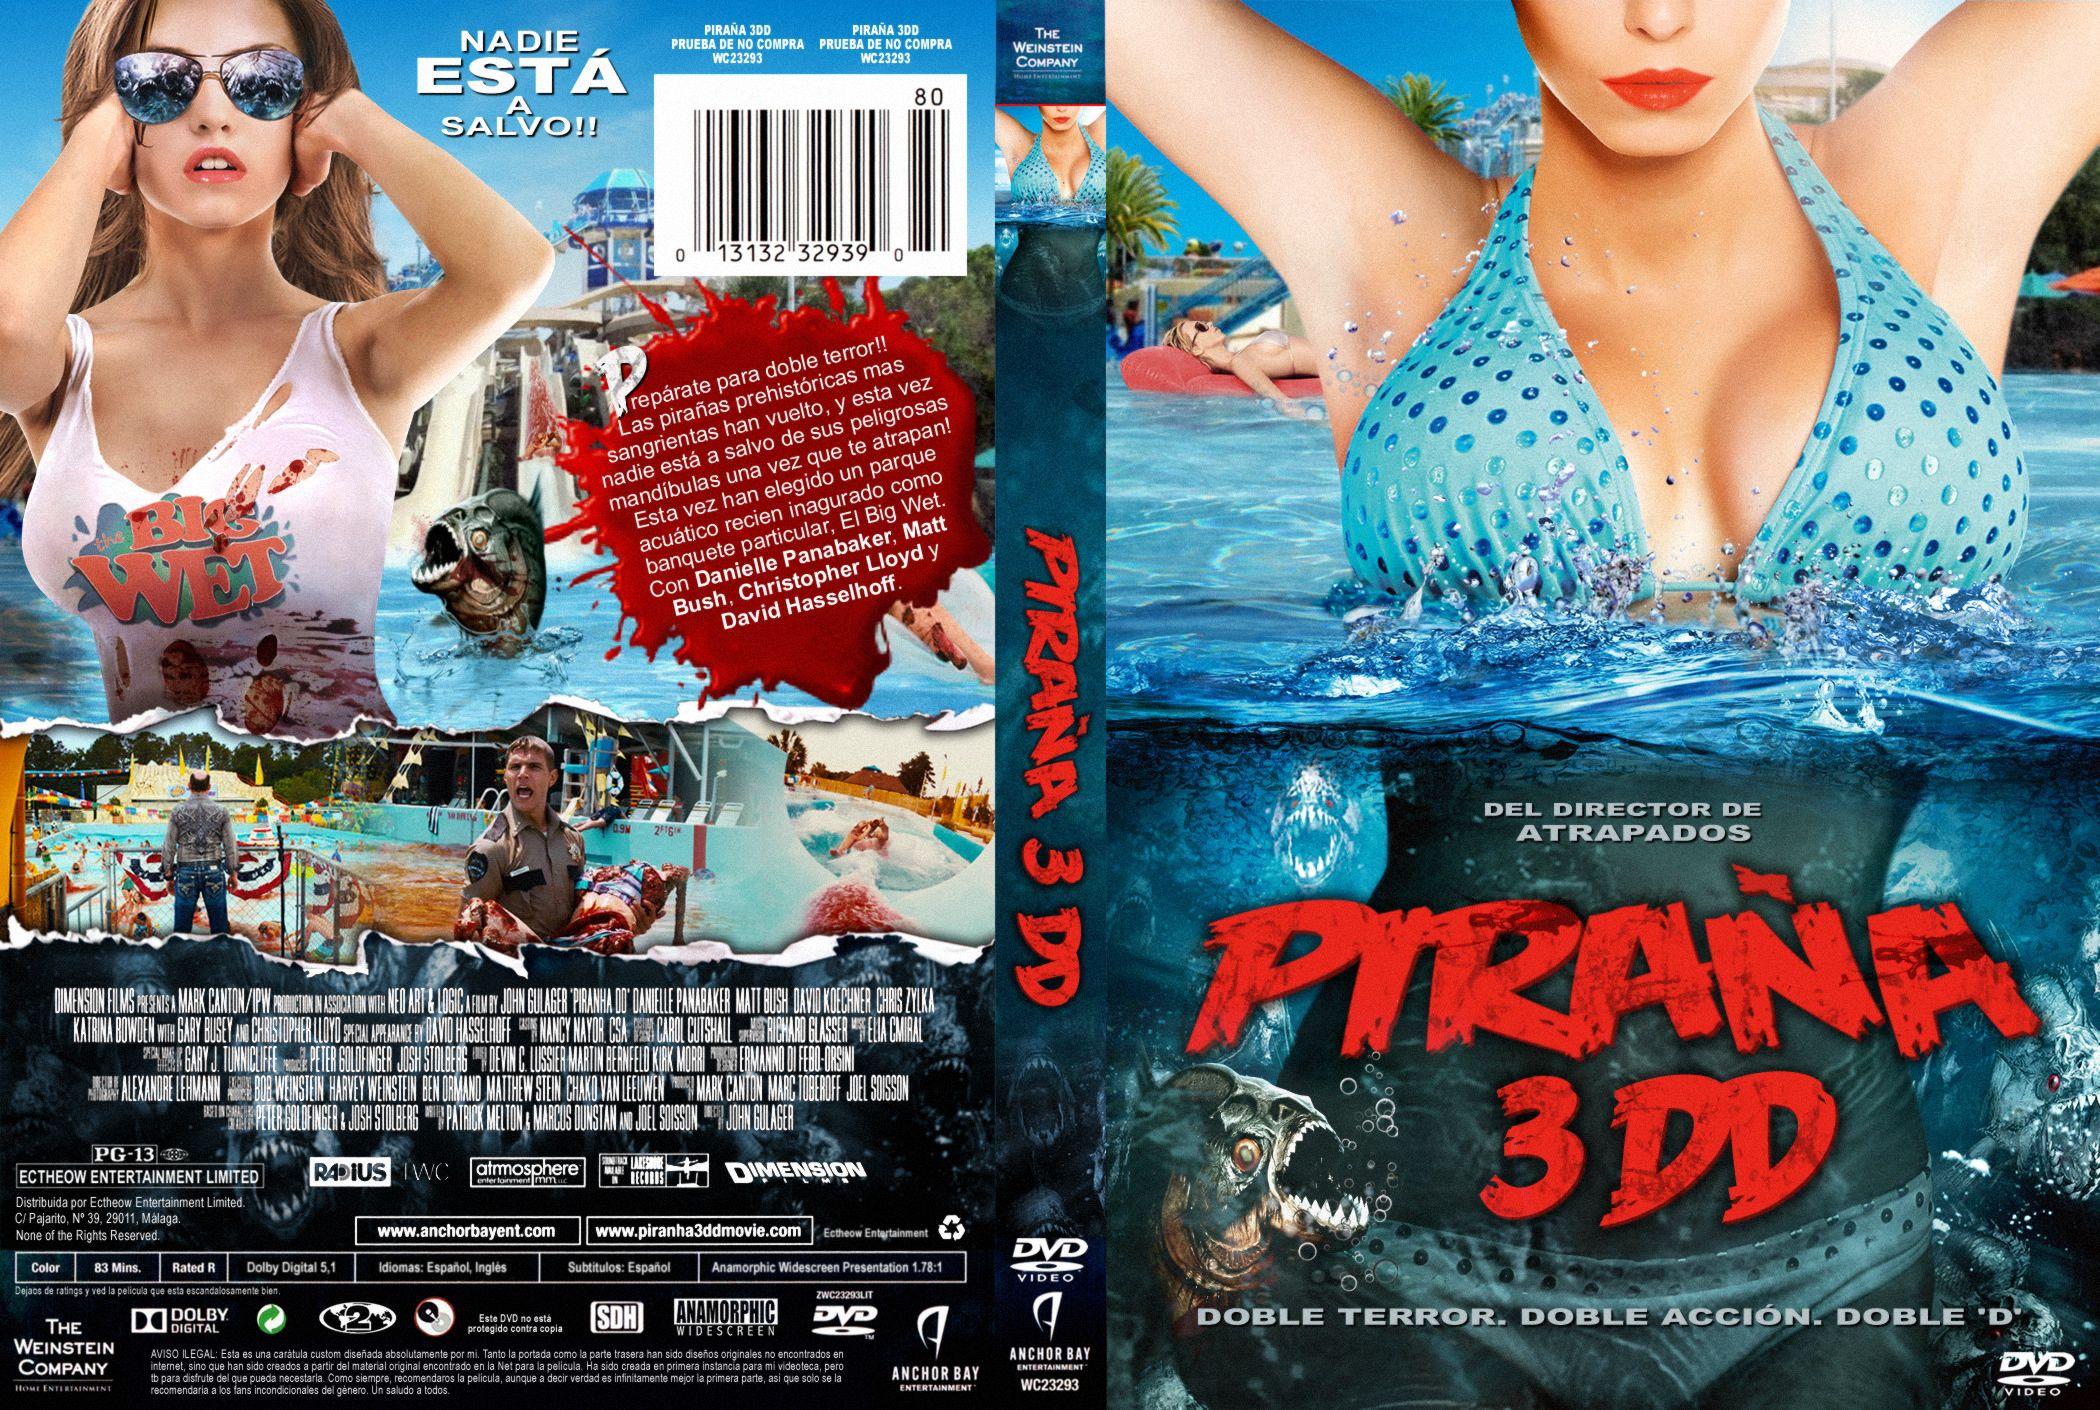 Theplanetdvd descargando con manu pelis dvd full latino for Orgia en la piscina